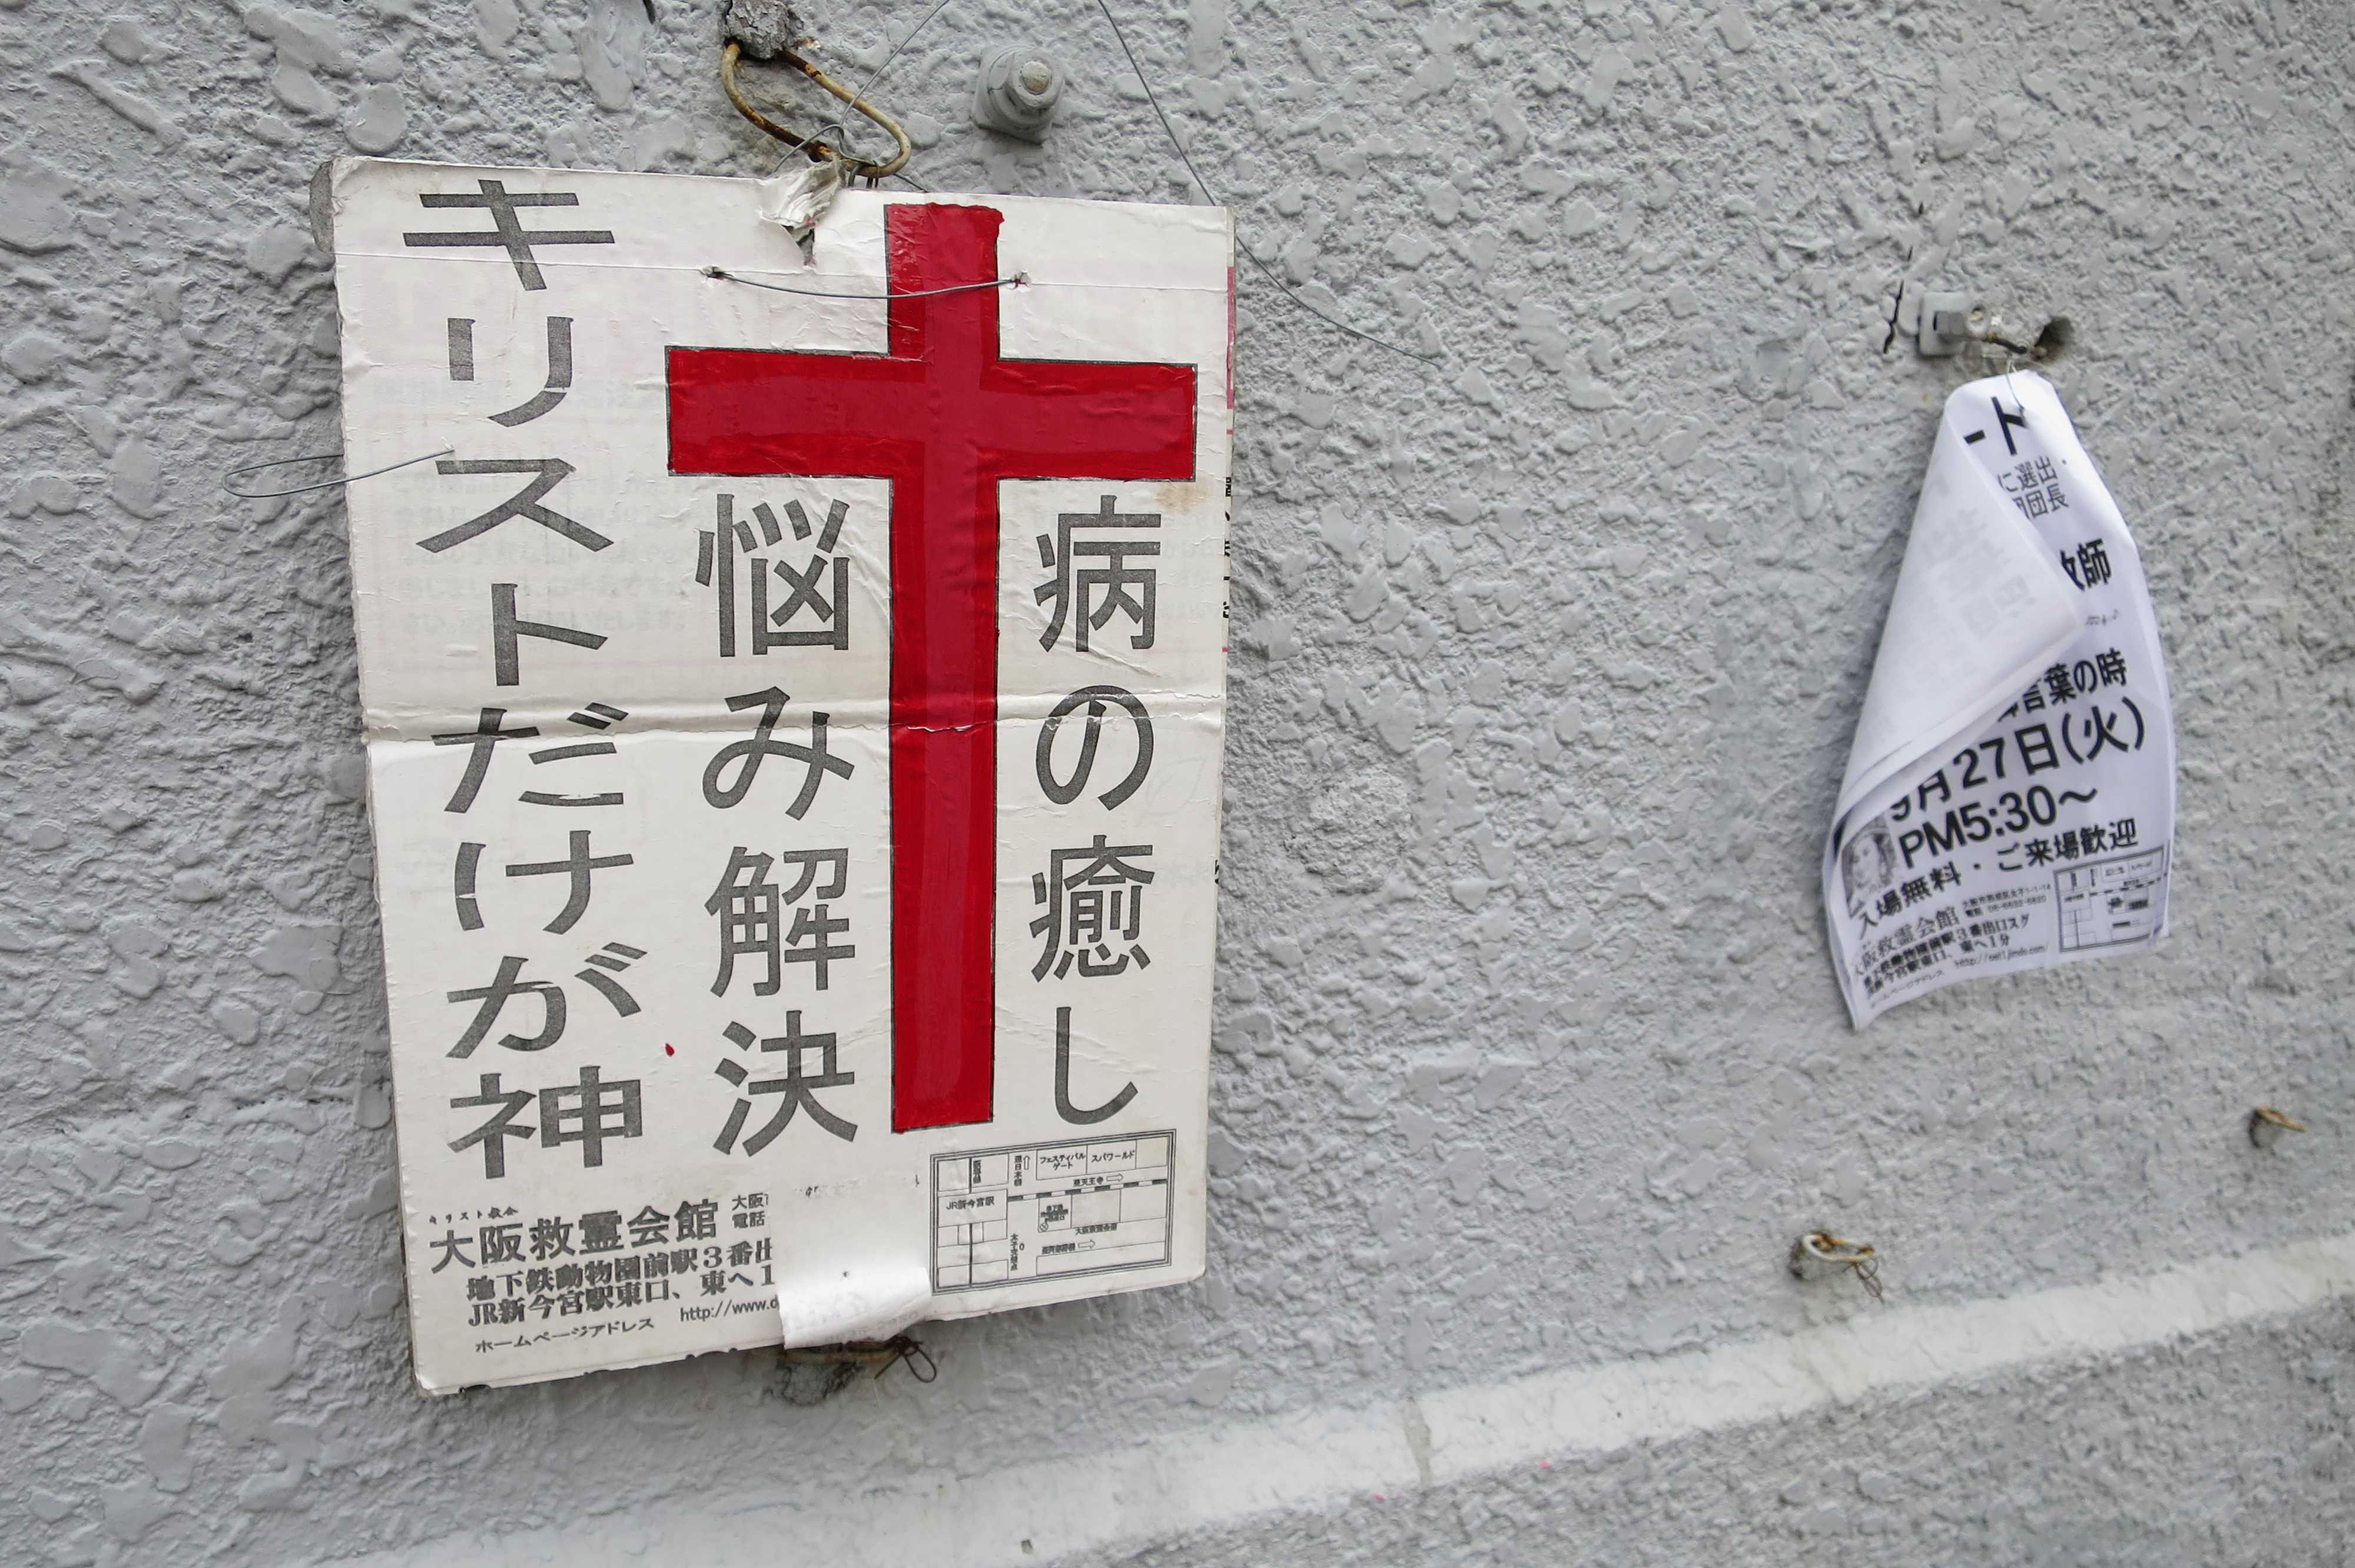 大阪救霊会館 - キリストだけが神 悩み解決 病の癒し